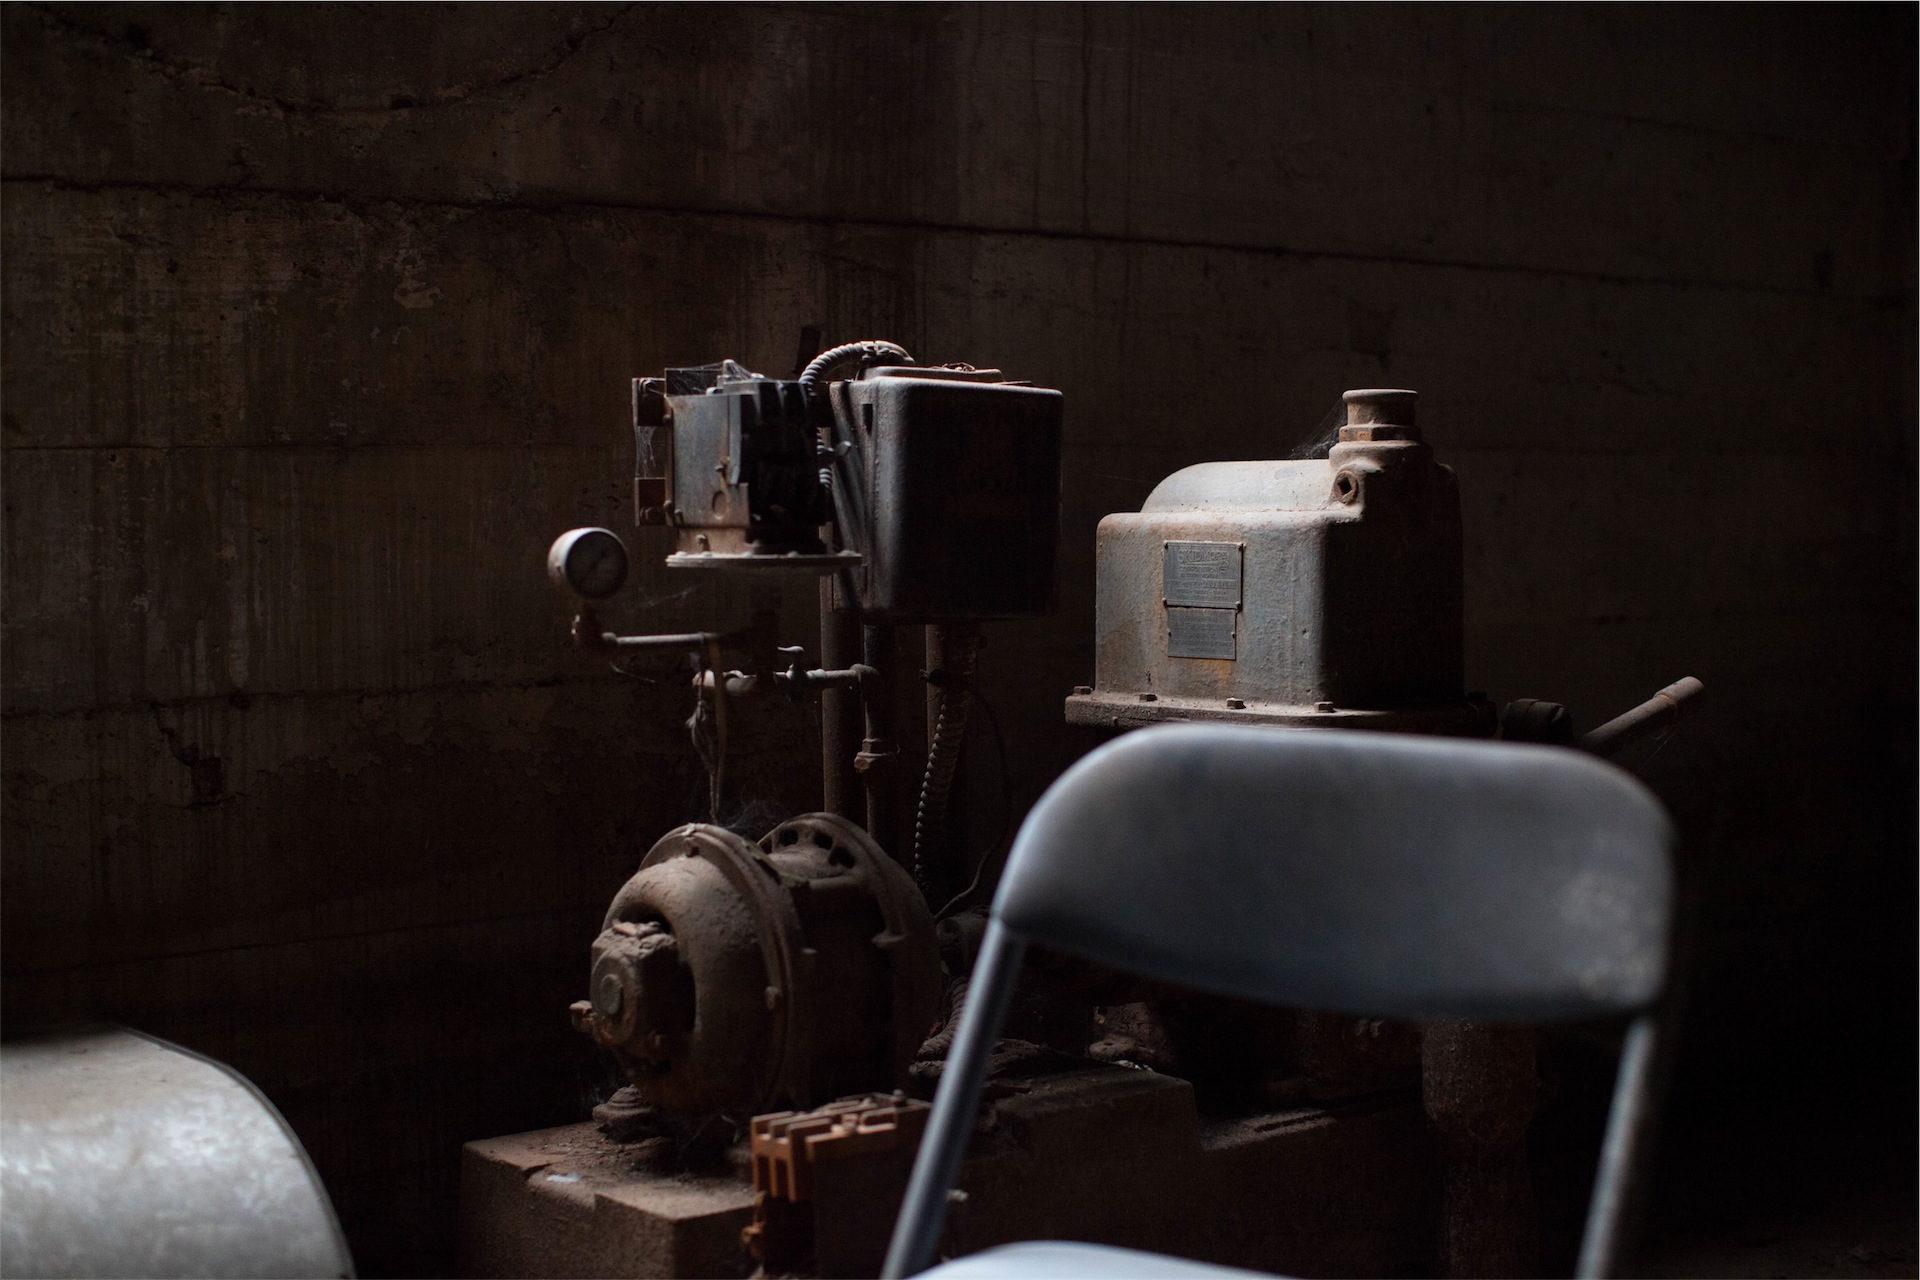 μηχανή, Βαλβίδες, σκόνη, antiguo, παλιά - Wallpapers HD - Professor-falken.com